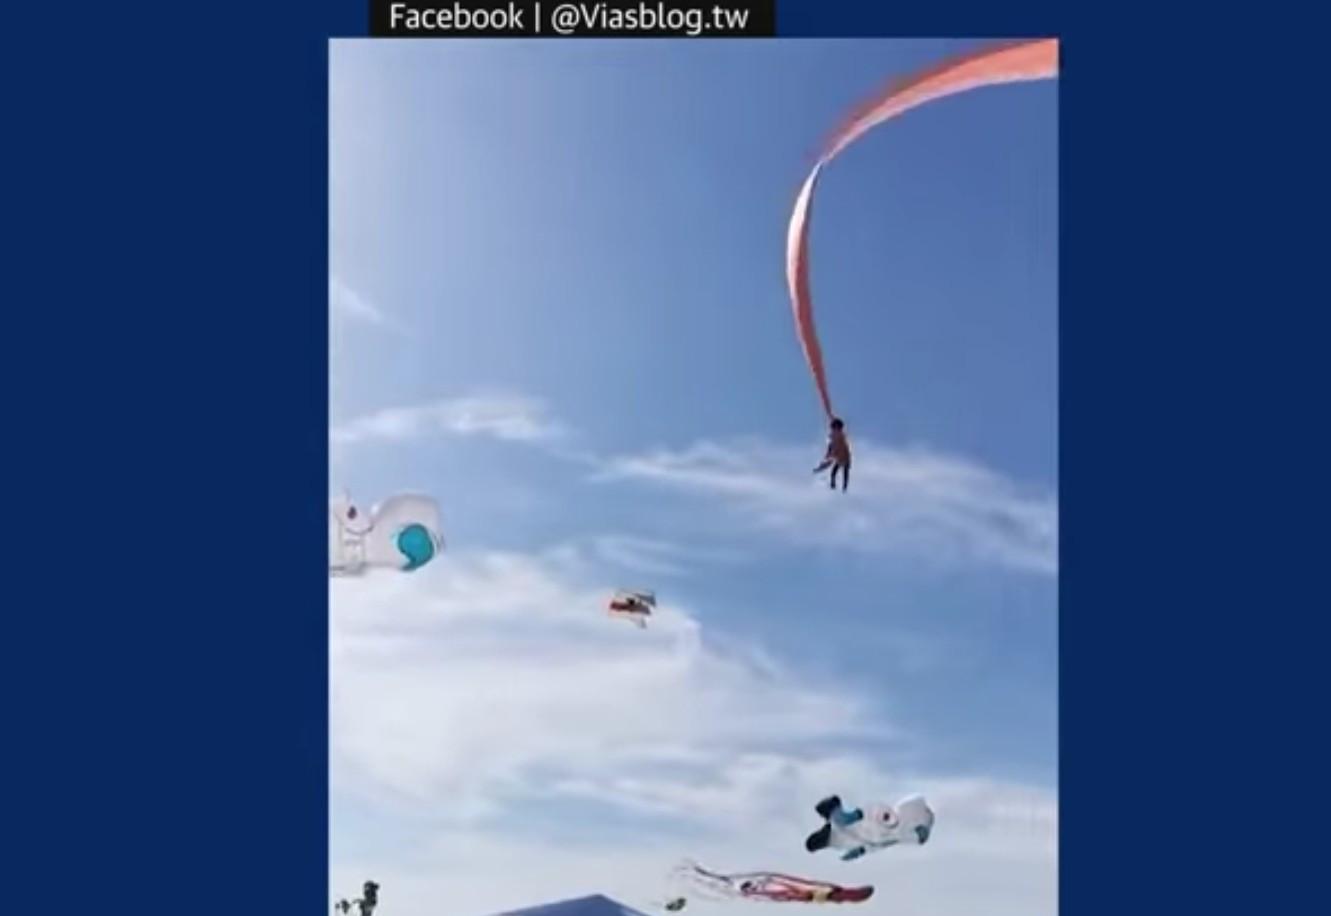 Terikat Ekor Layangan Raksasa, Gadis Kecil Terombang-ambing di Udara, Ngeri!! - JPNN.com